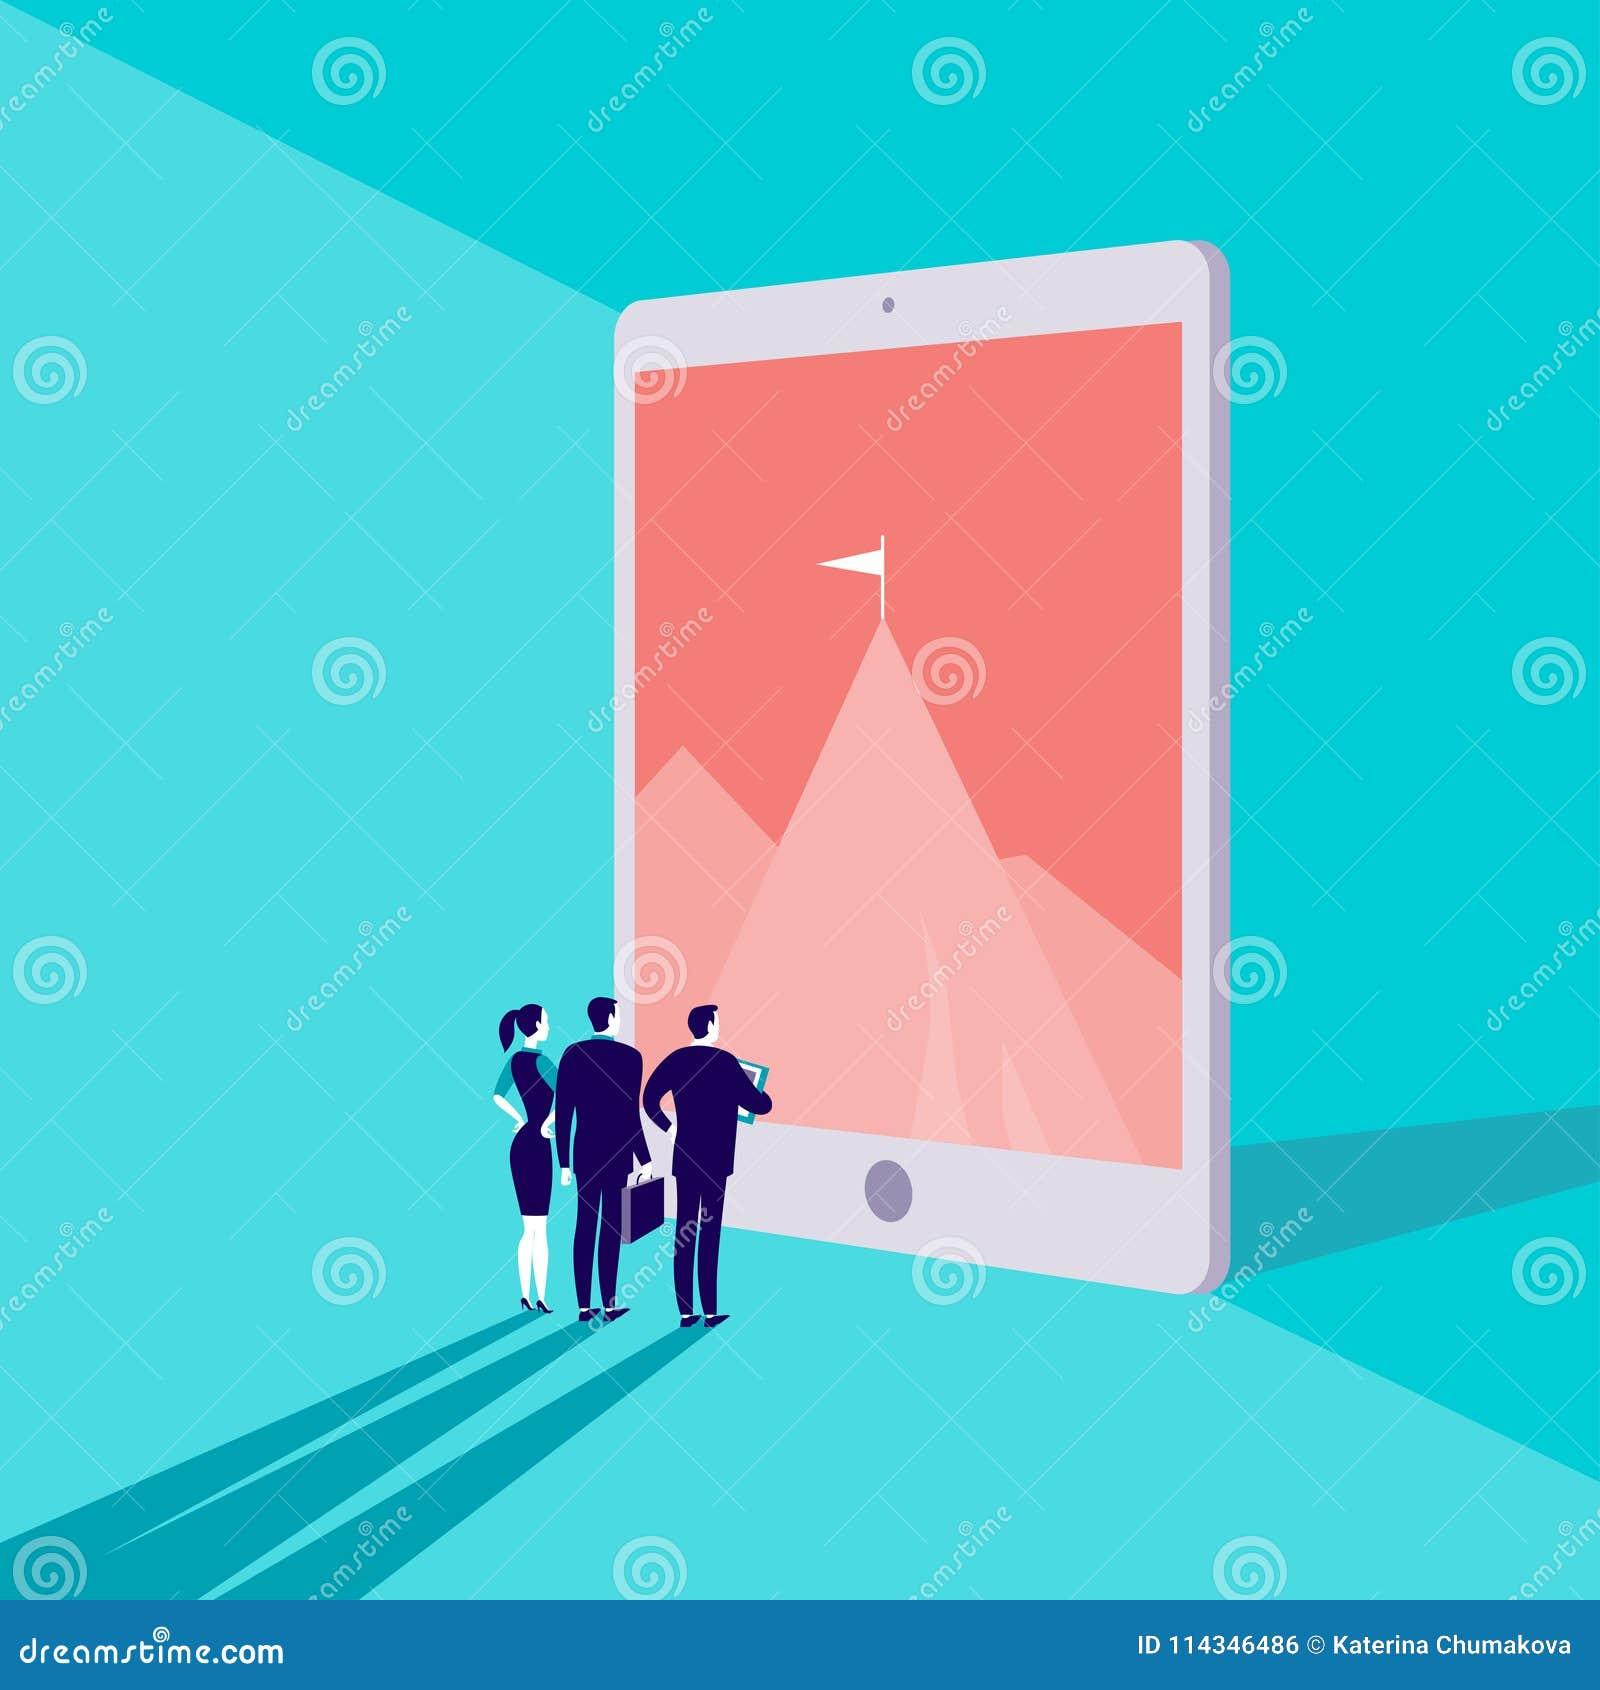 Vector bedrijfsconceptenillustratie met bedrijfsmensen die op bergpiek letten op op het grote tabletscherm op blauwe achtergrond